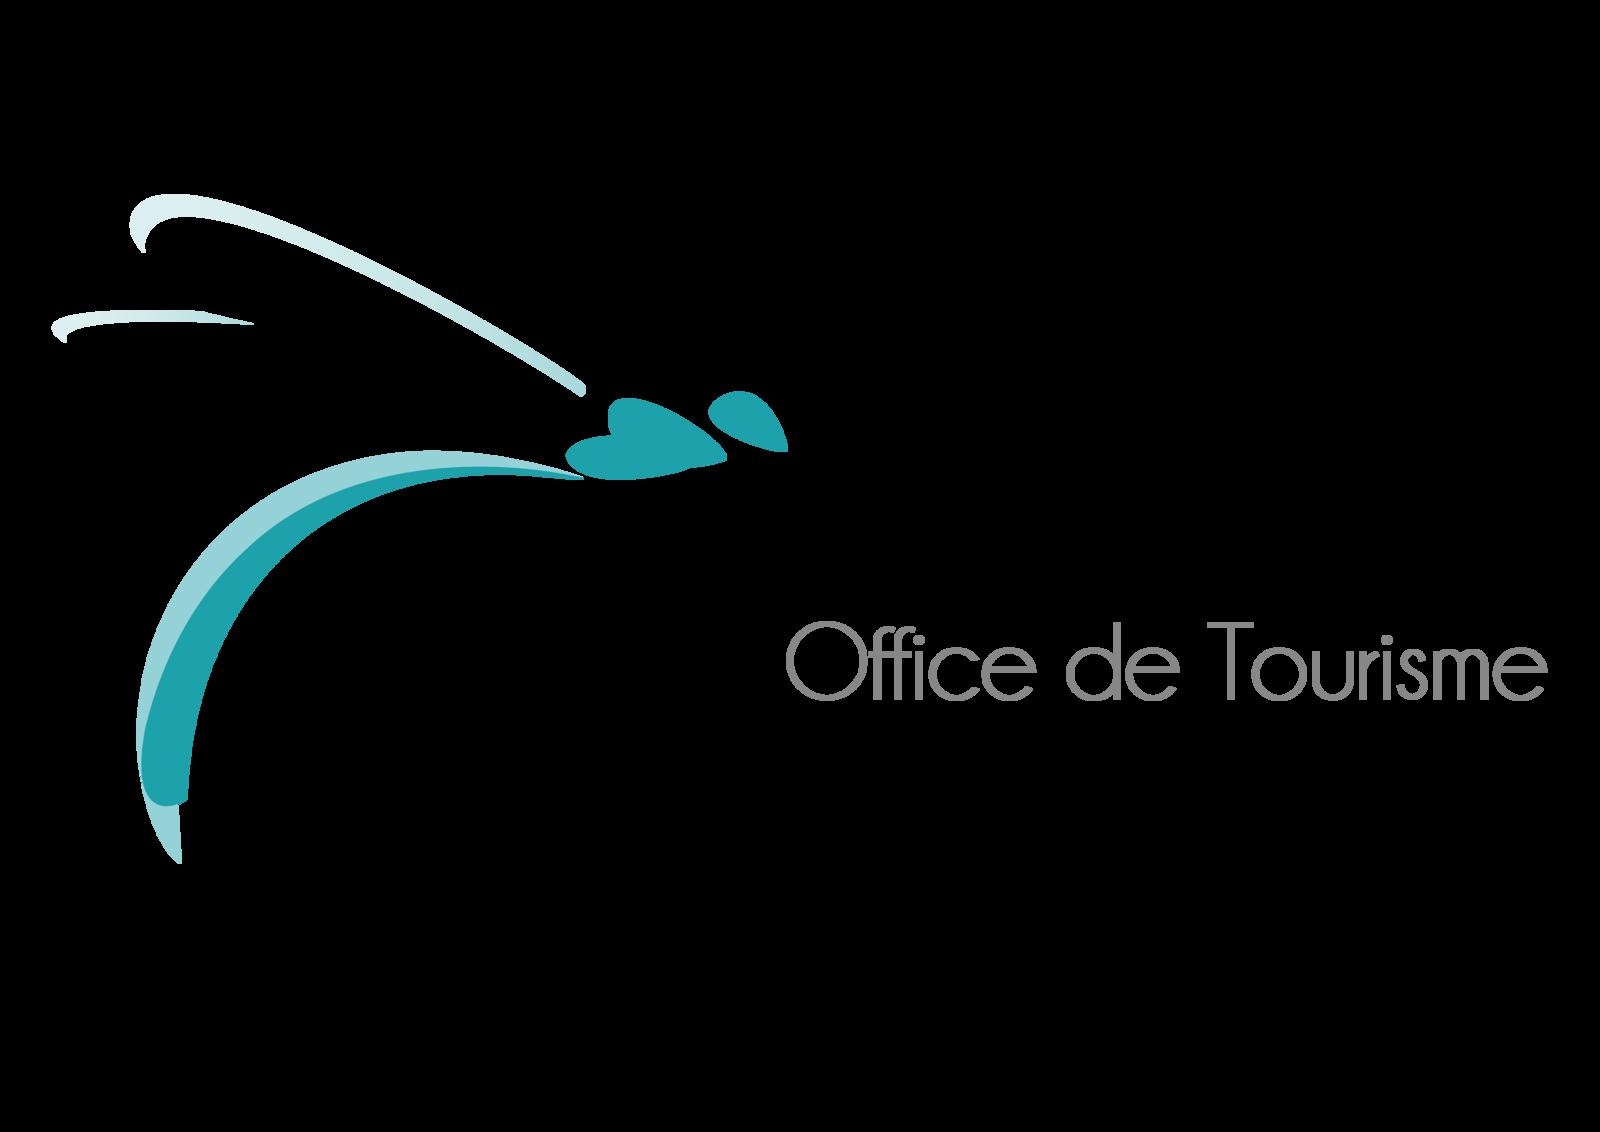 Evancy, partenaire de l'office de tourisme de Camiers Sainte Cécile